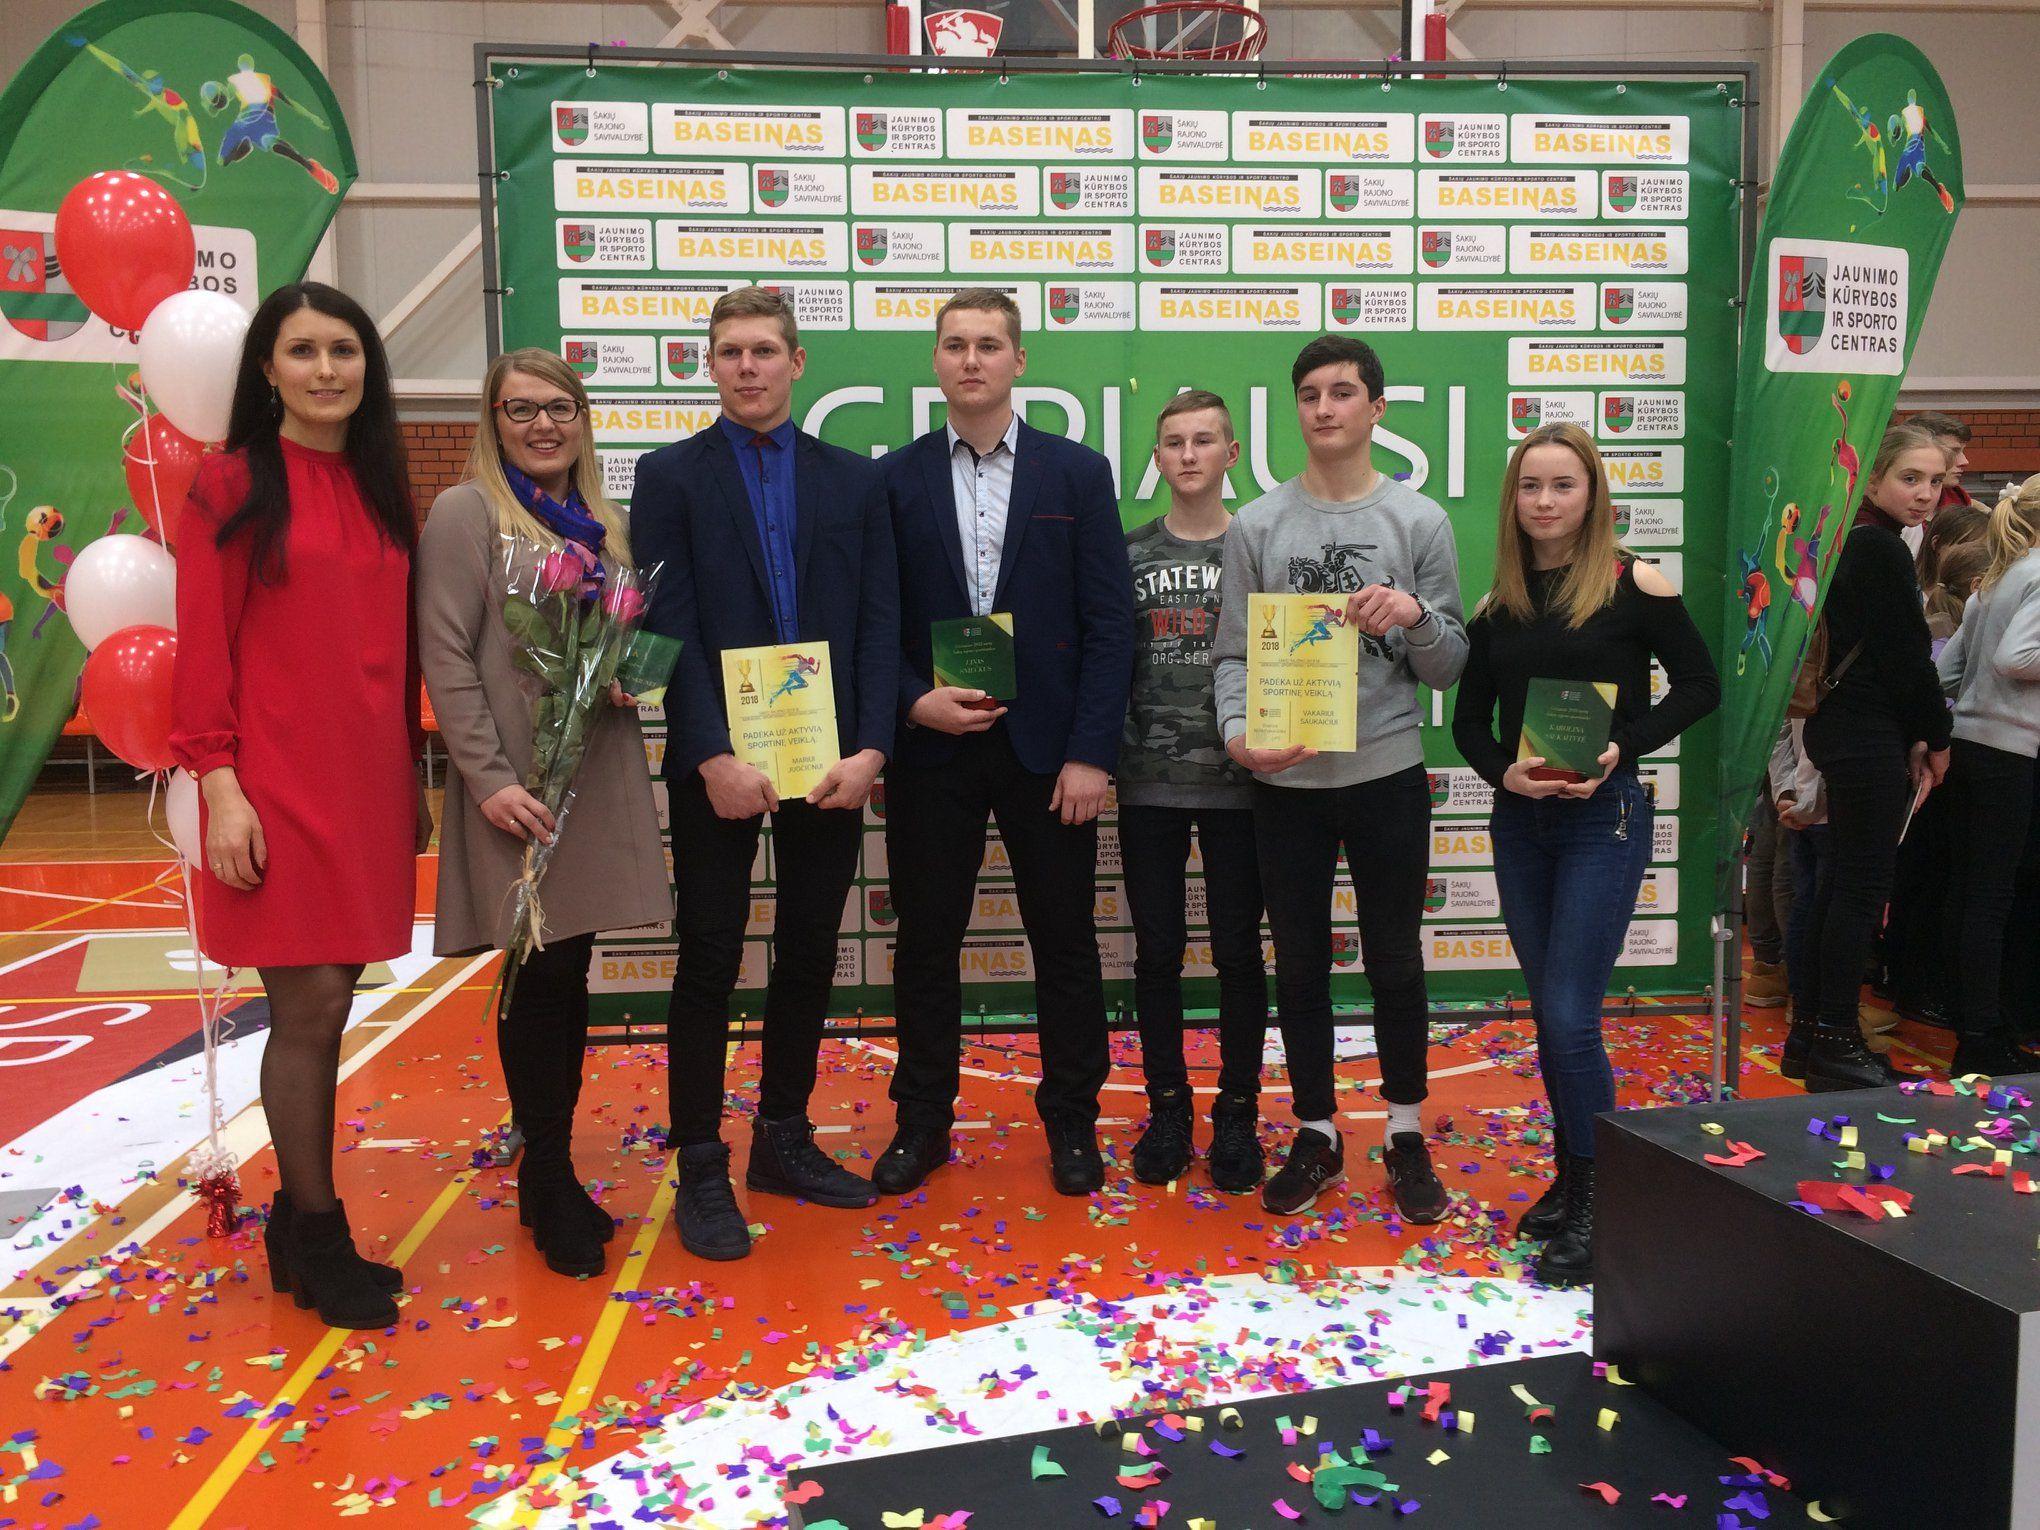 Šakių raj. 2018 m. geriausių sportininkų apdovanojimų šventė